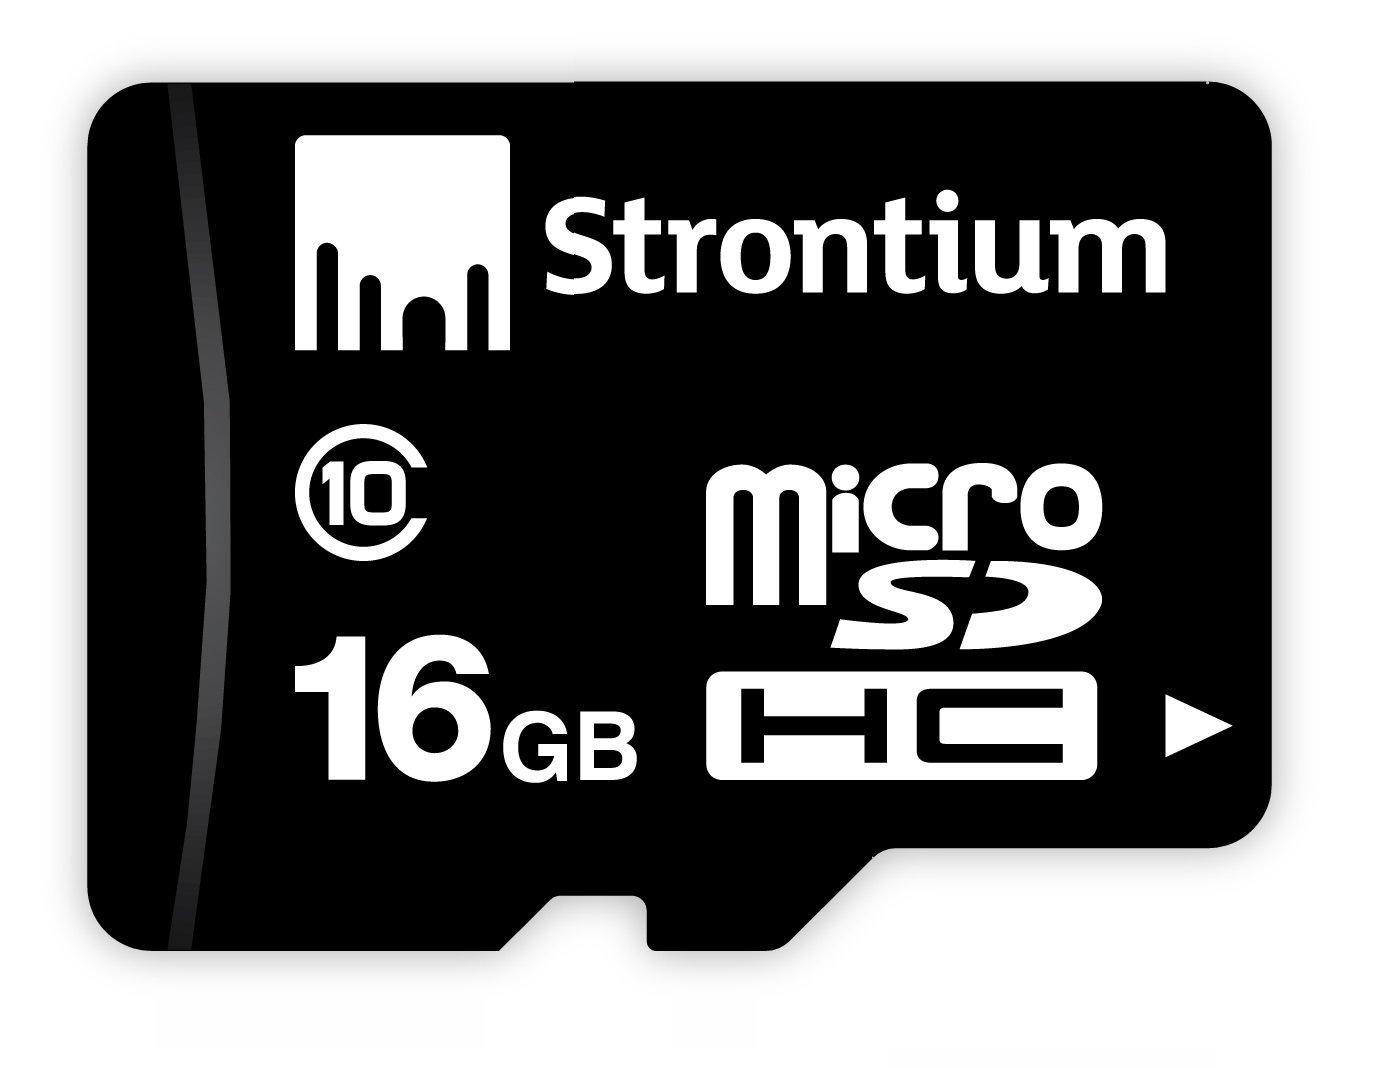 Strontium SDHC Cards Image